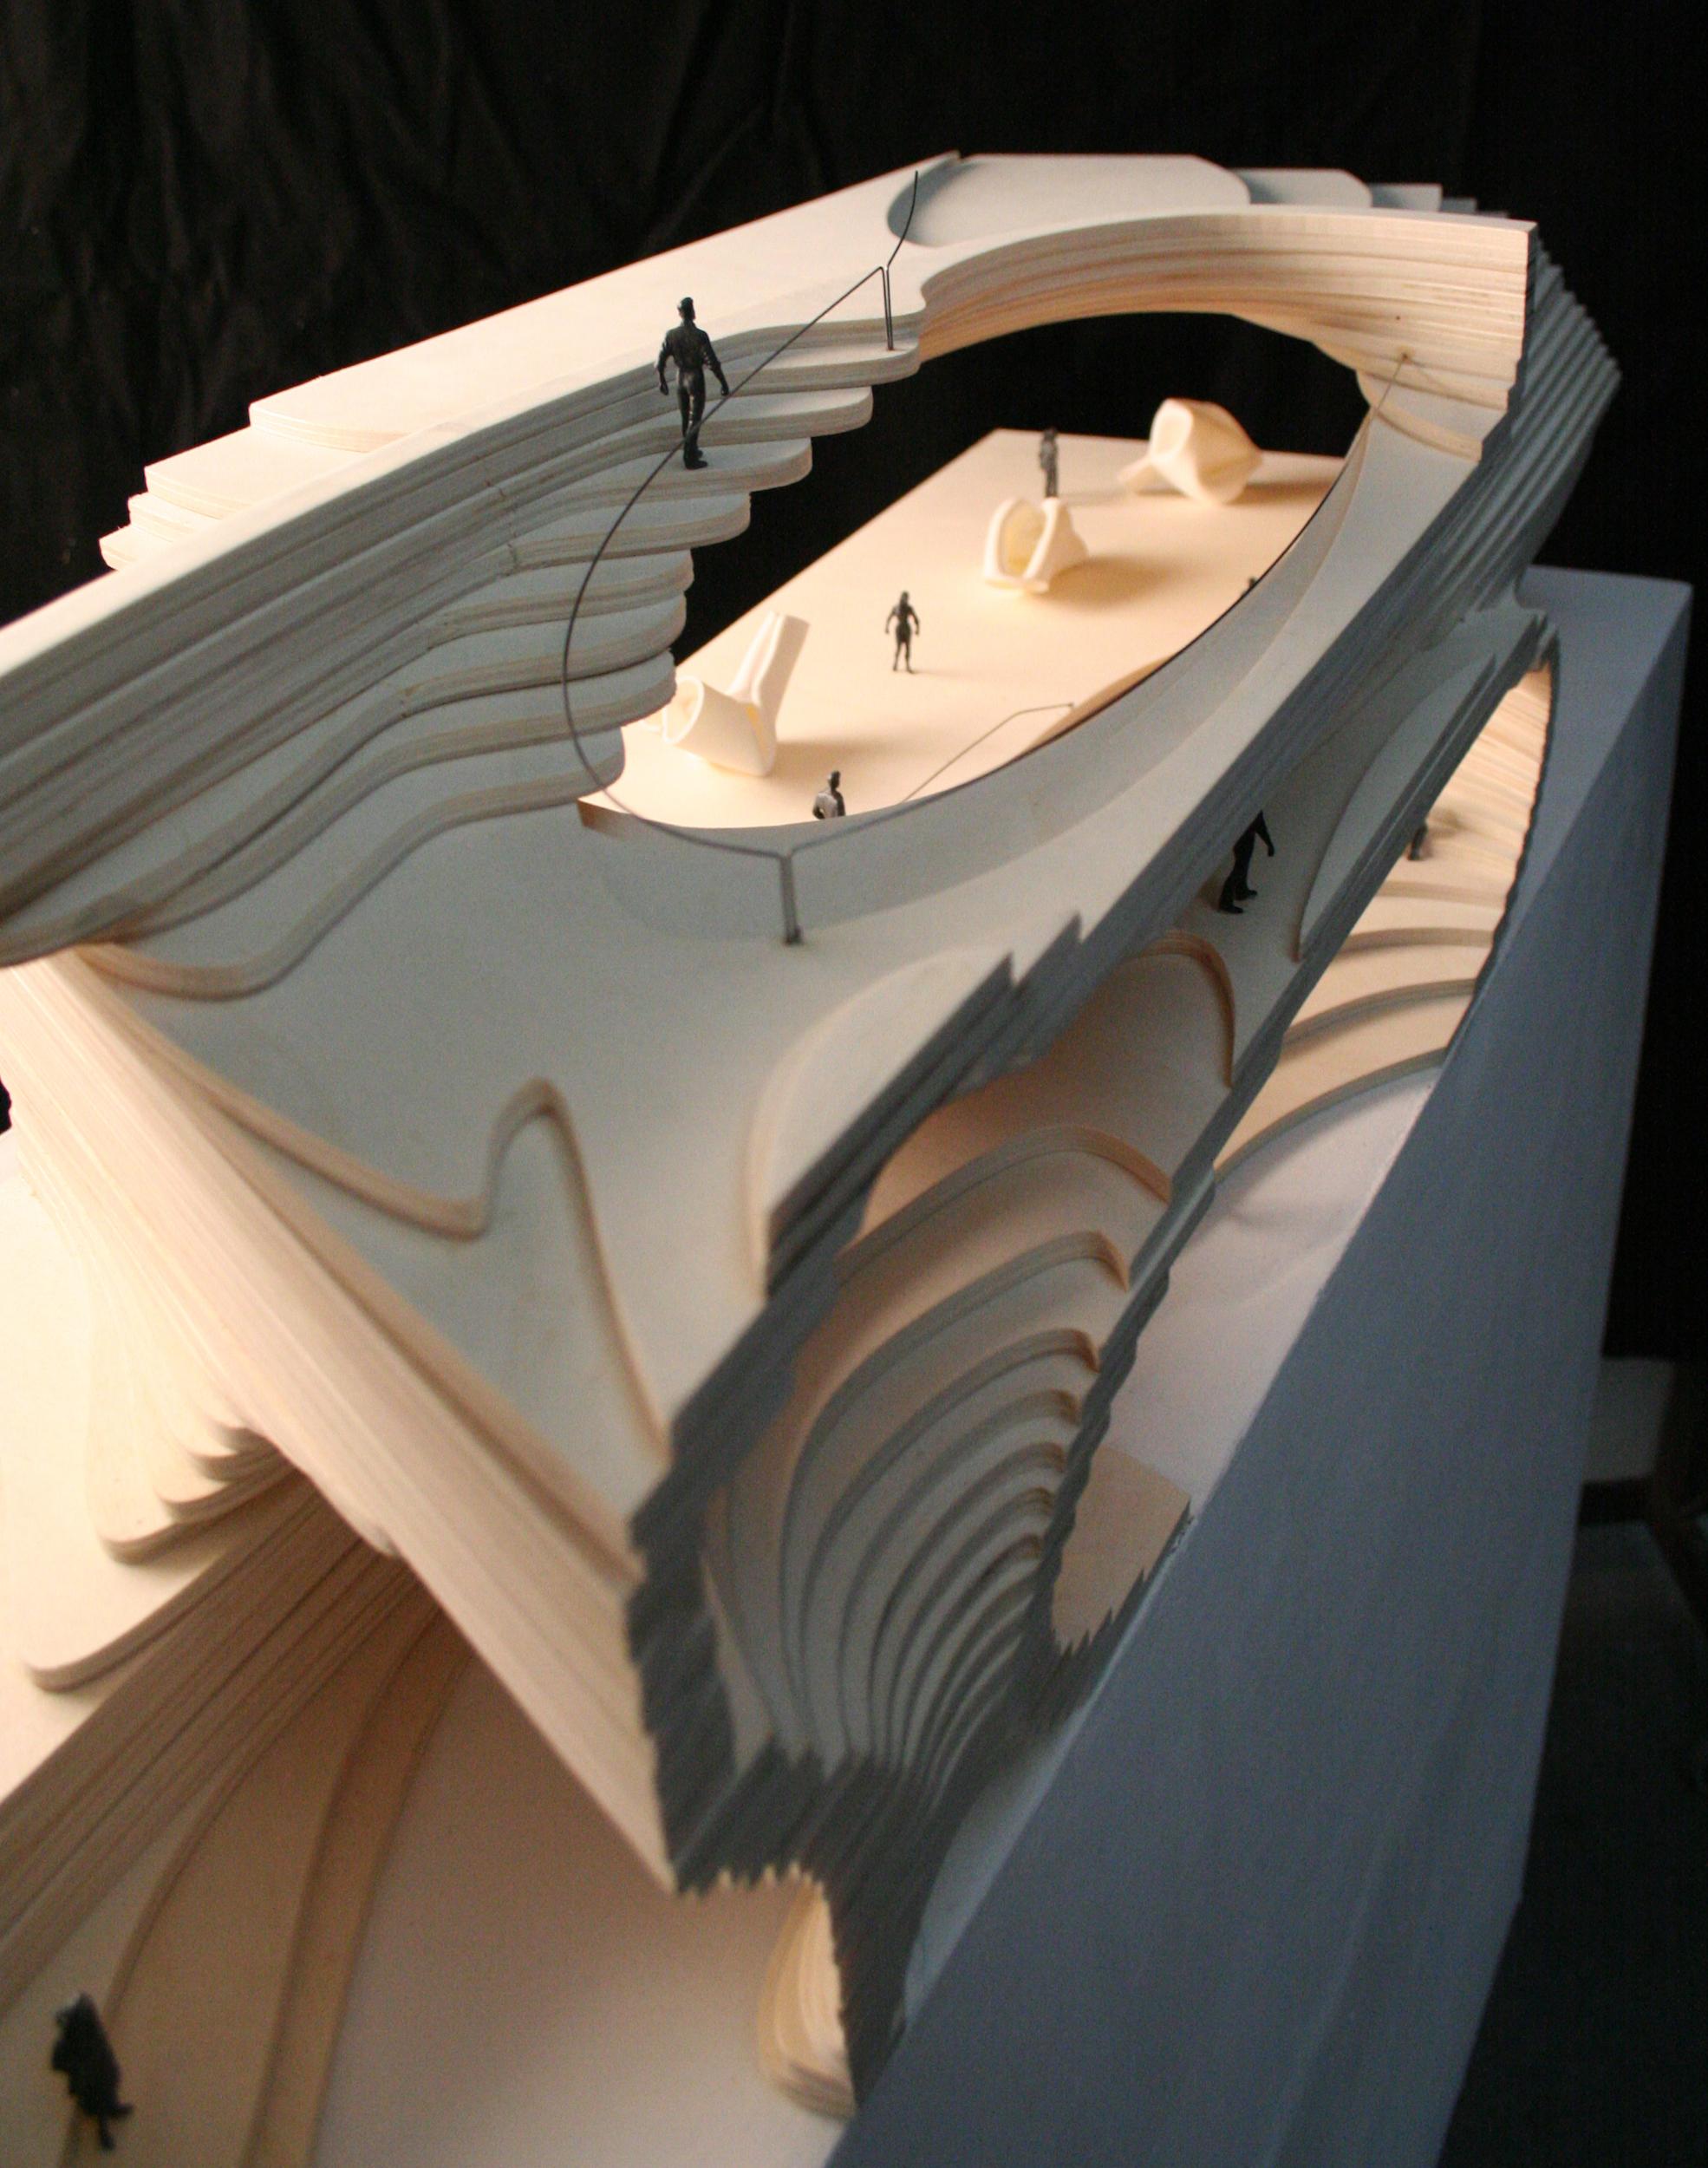 Interior Model. Scale 1:100